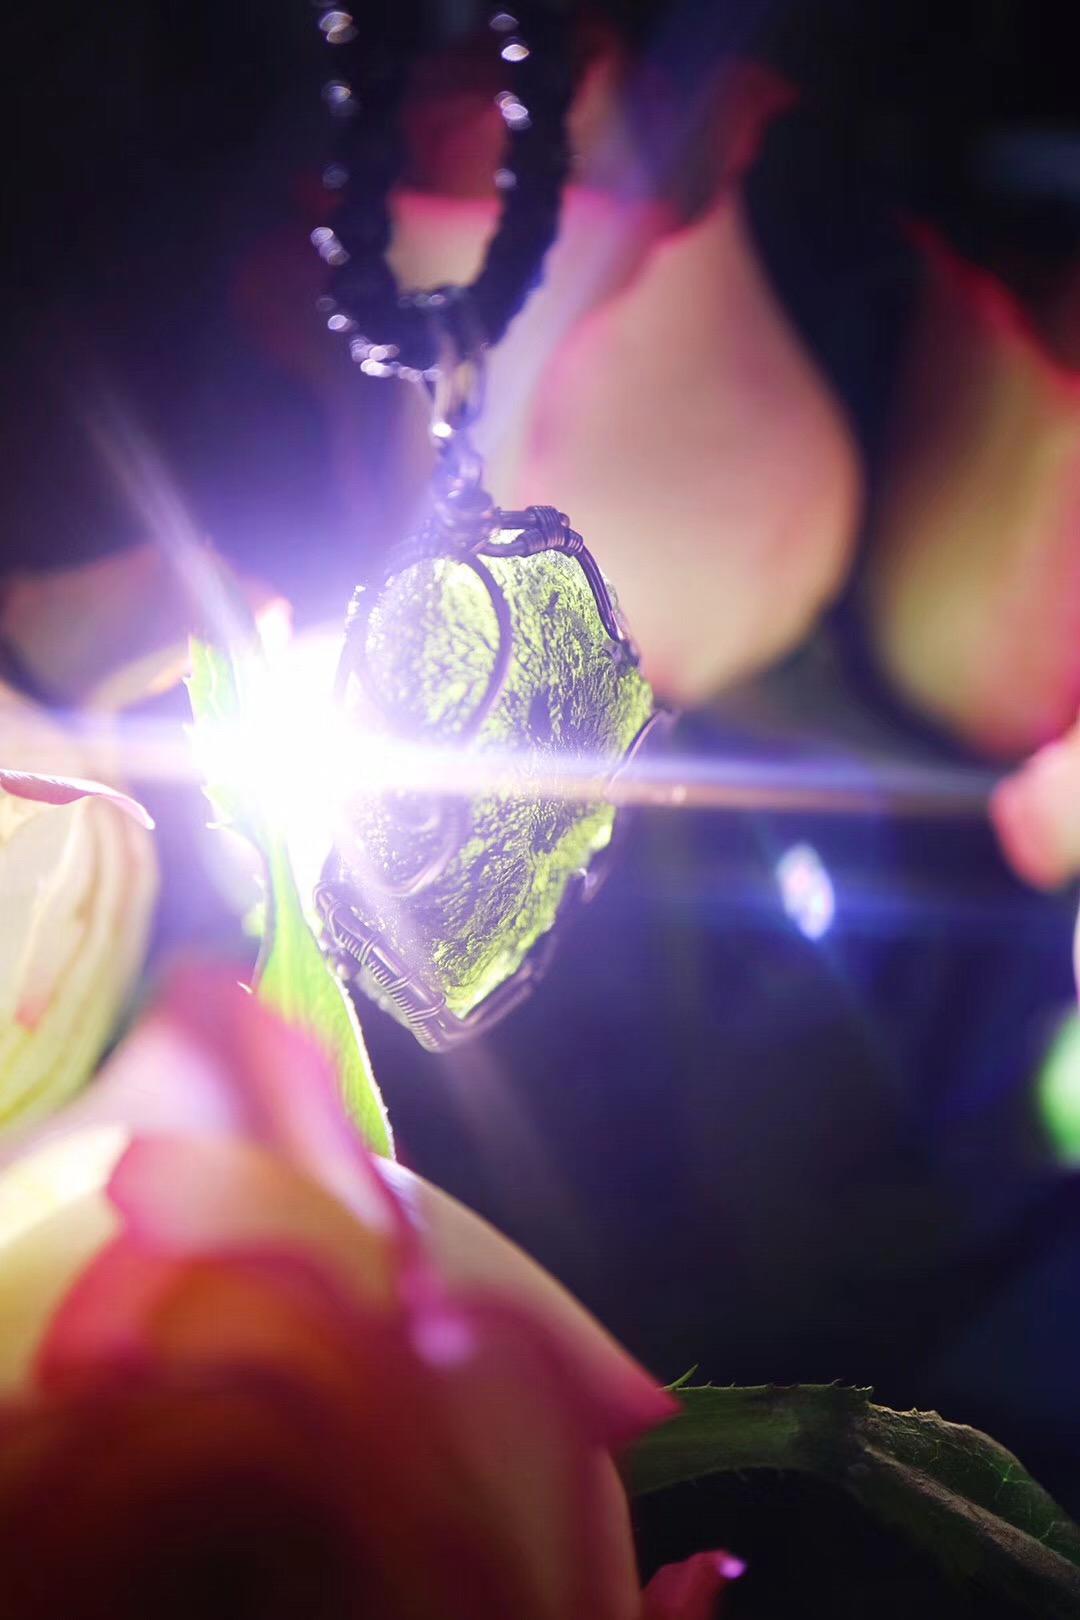 【菩心-捷克陨石】巨蟹座的海豚🐬守护石-捷克陨石定制-菩心晶舍